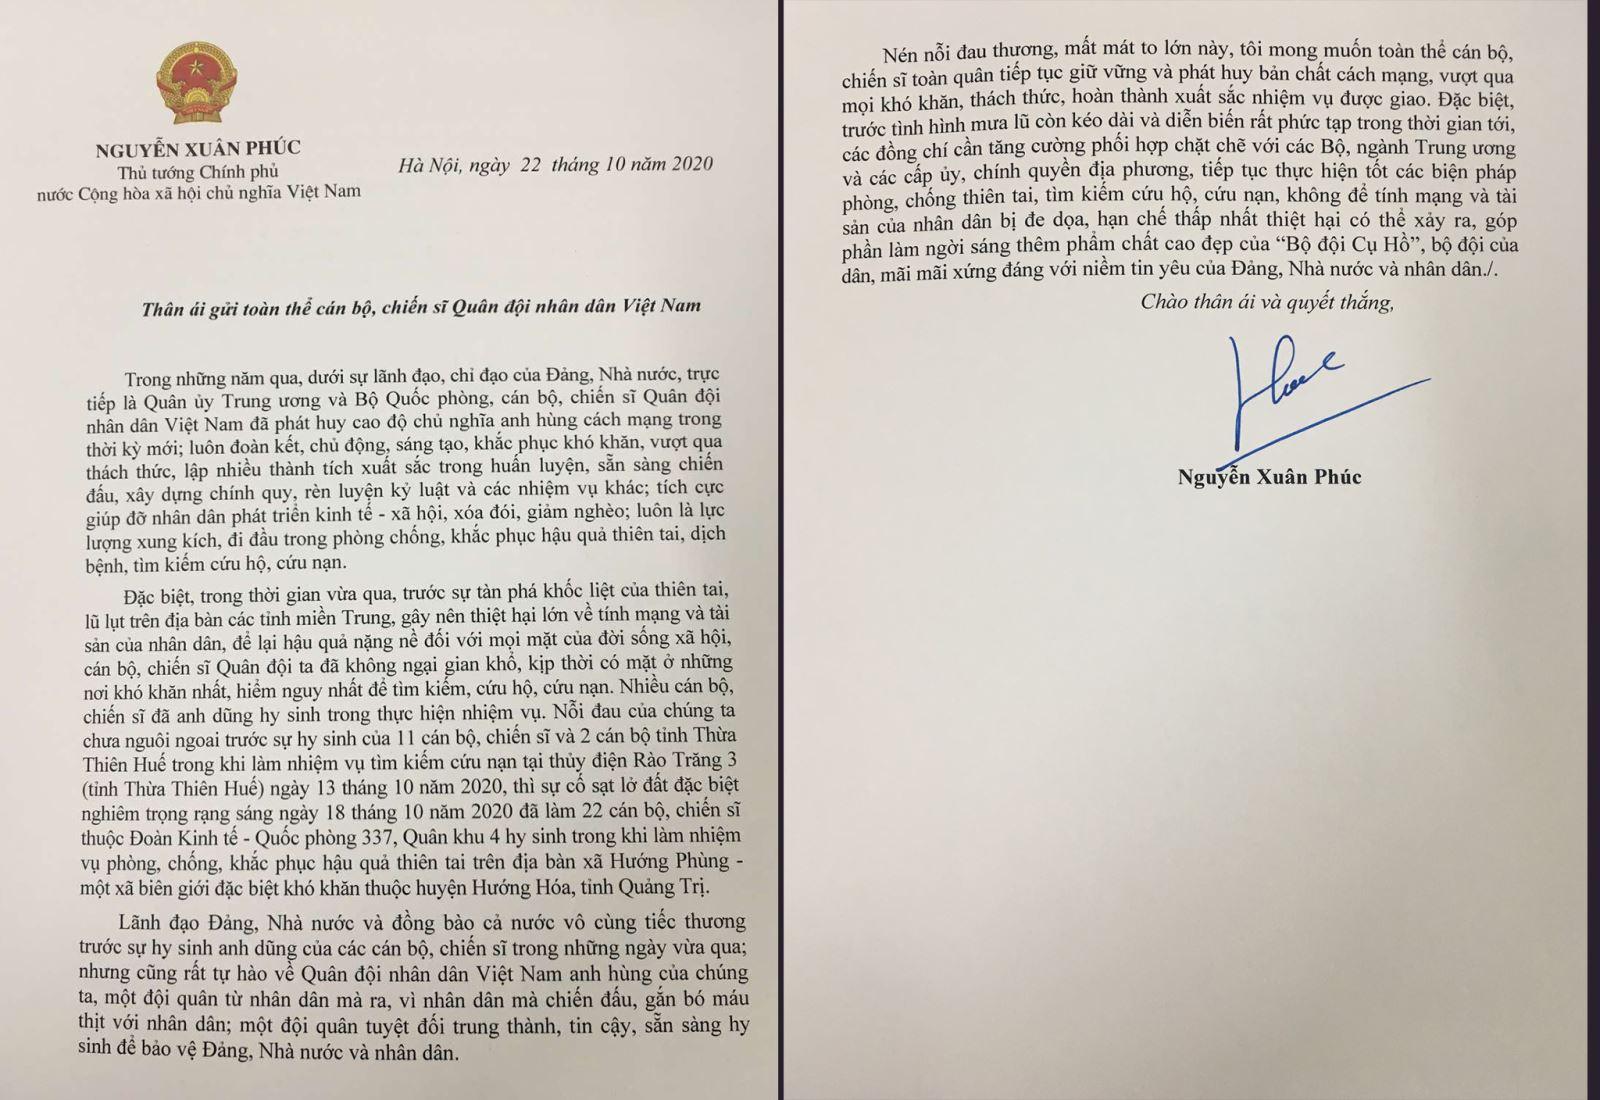 Thư của Thủ tướng gửi Quân đội nhân dân Việt Nam.